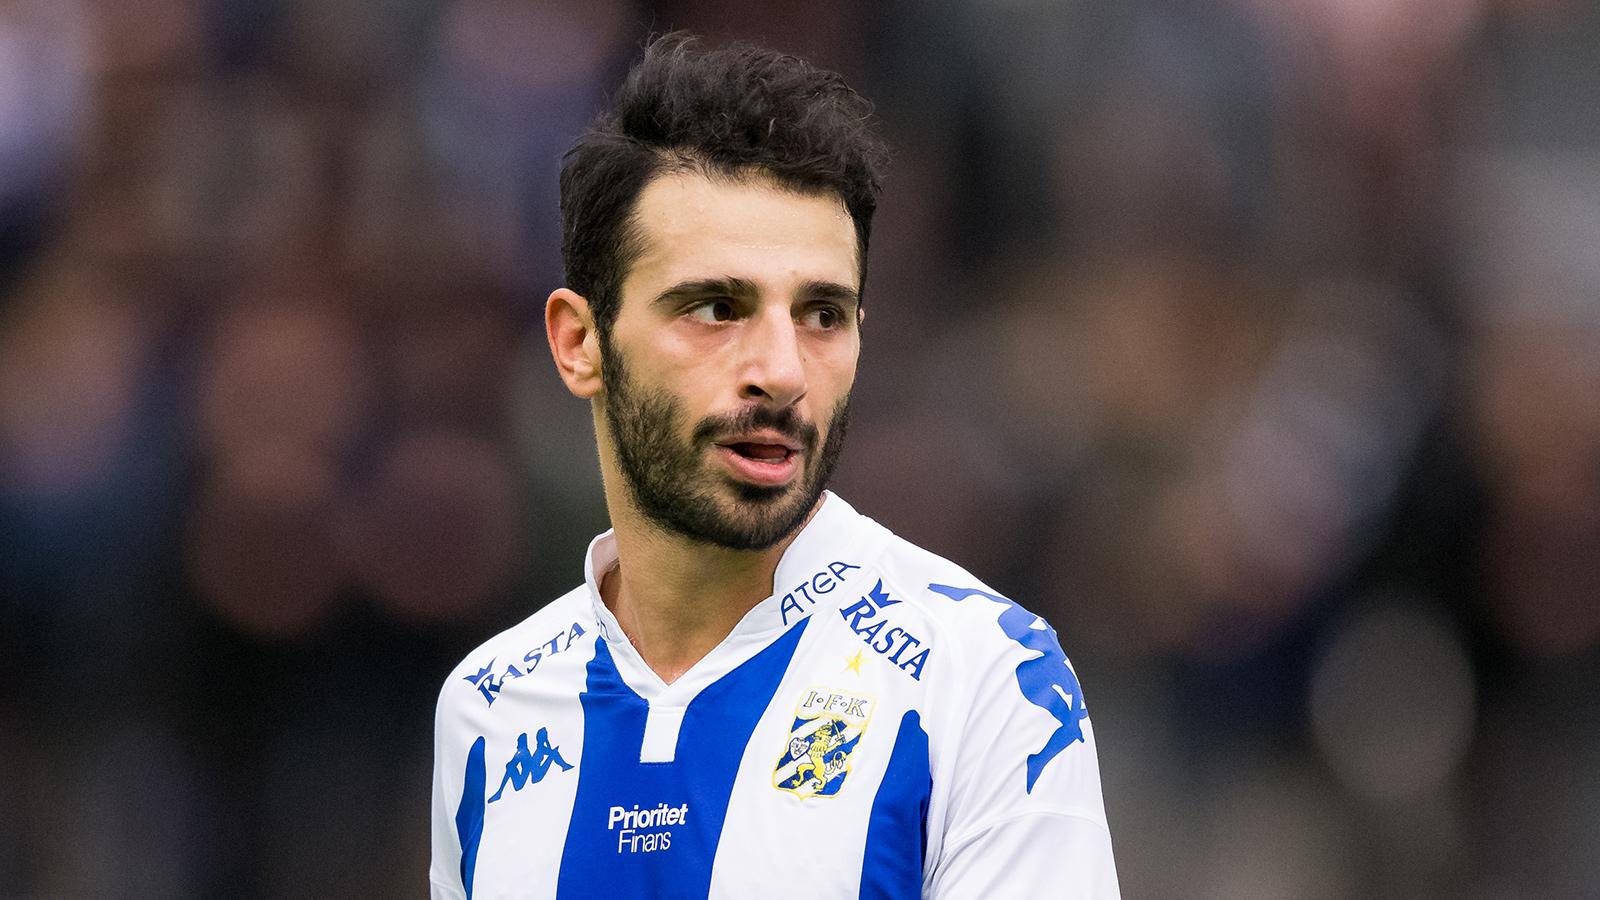 180120 IFK Göteborgs André Calisir under en träningsmatch i fotboll mellan IFK Göteborg och Ålborg den 20 januari 2018 i Göteborg.